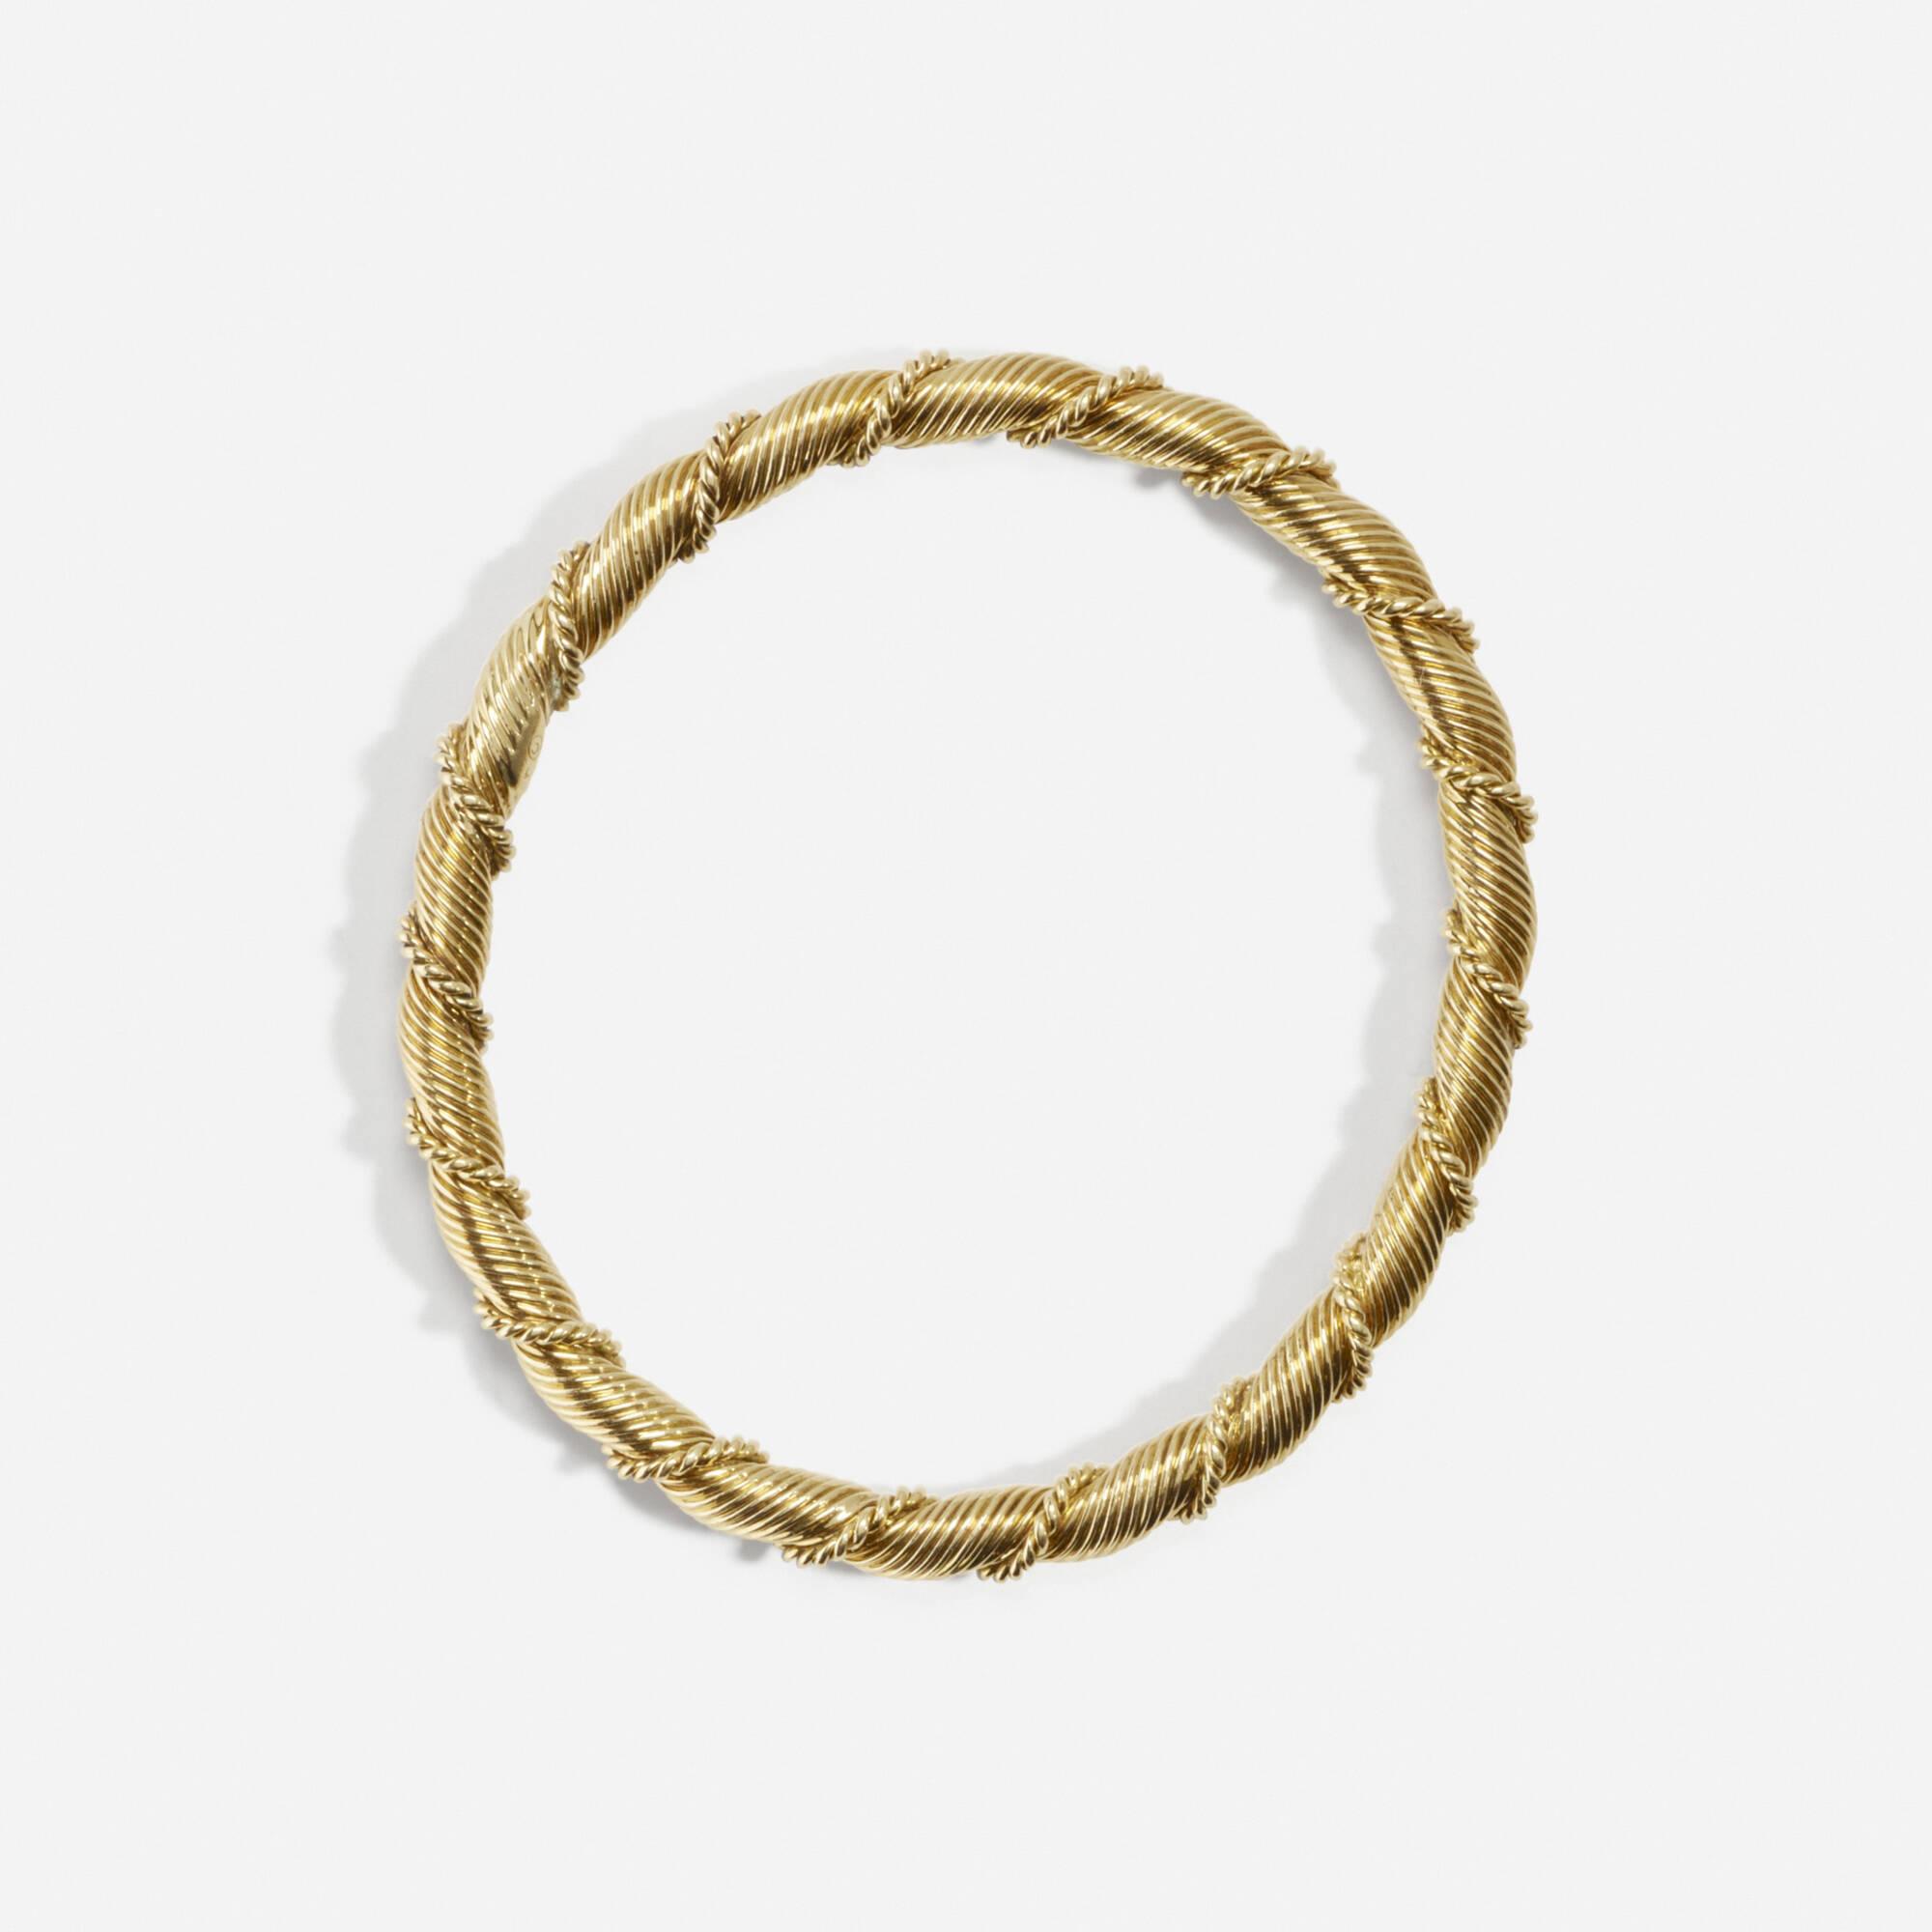 158: Van Cleef & Arpels / A gold Paris bangle (2 of 2)